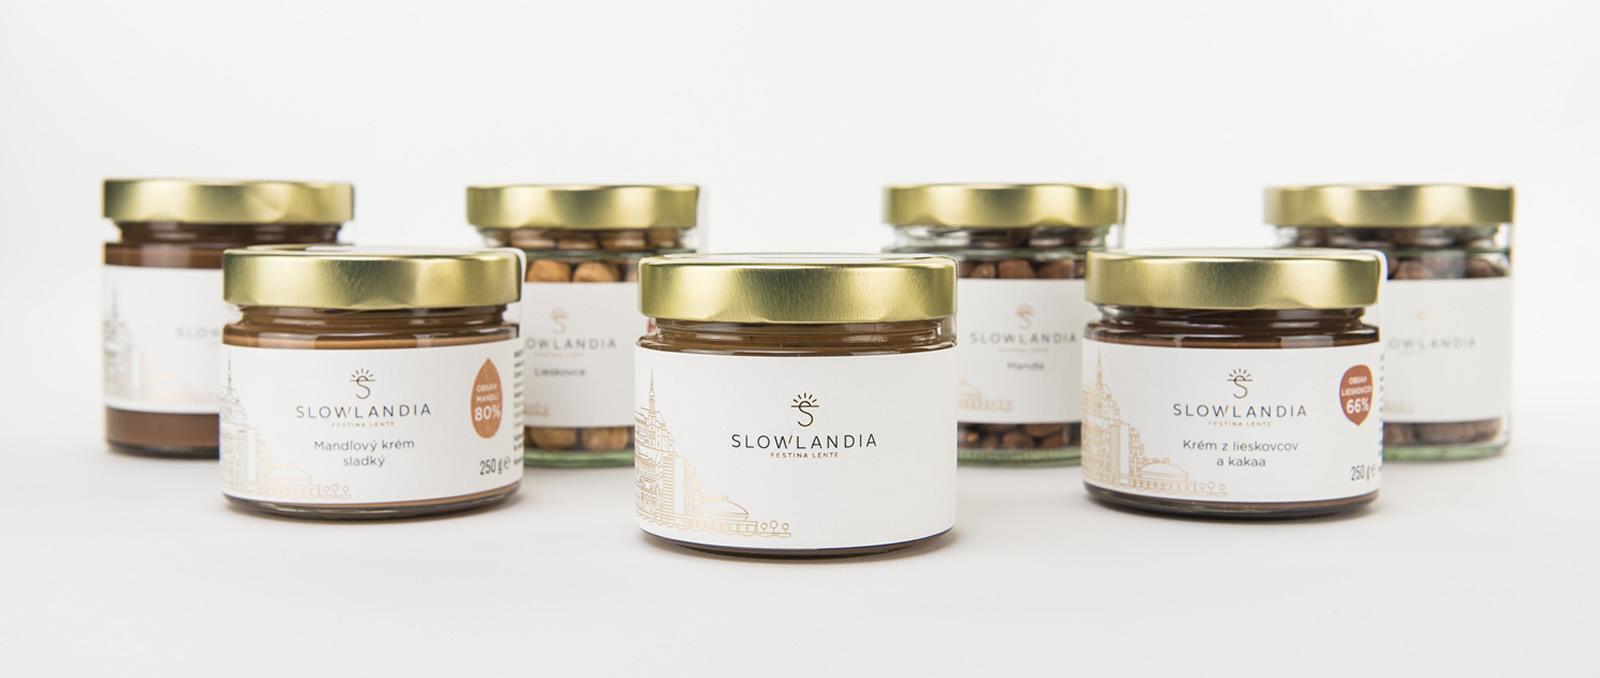 SLOWLANDIA_Products_group